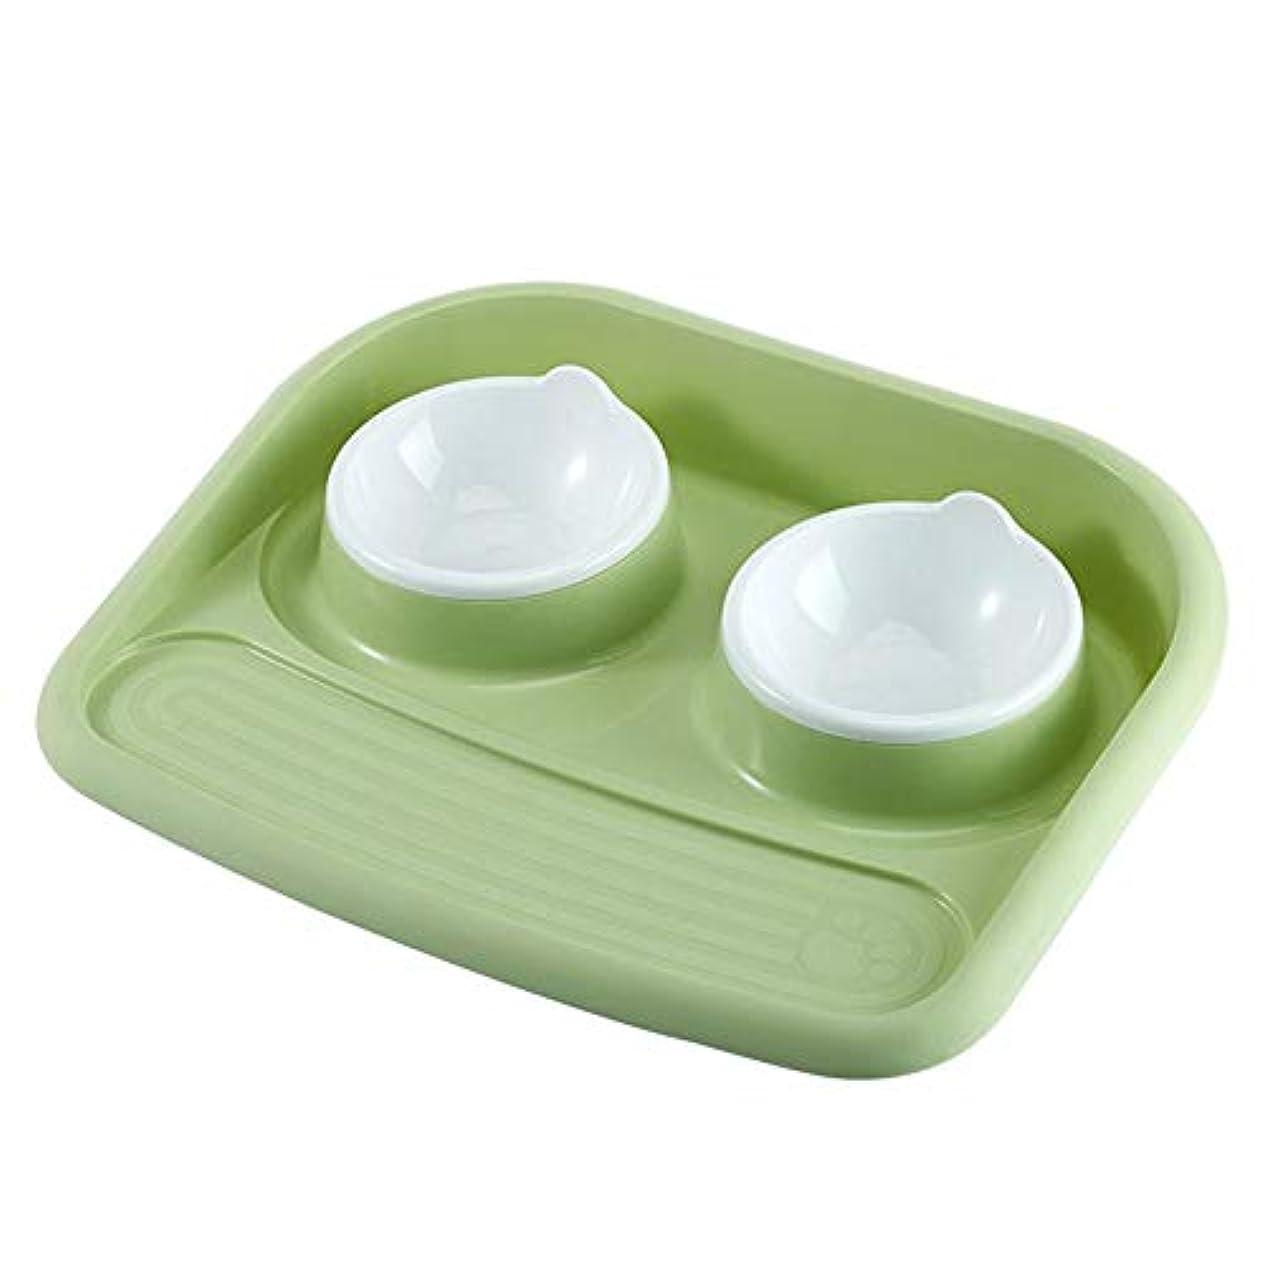 靄国籍いつでもTrendyest ペット食器 ペットボウル 給食 給水 二つのボウル 給餌/給水 水やり/餌やり 滑り止め 早食い防止食器 肥満予防食器 エサ入れ